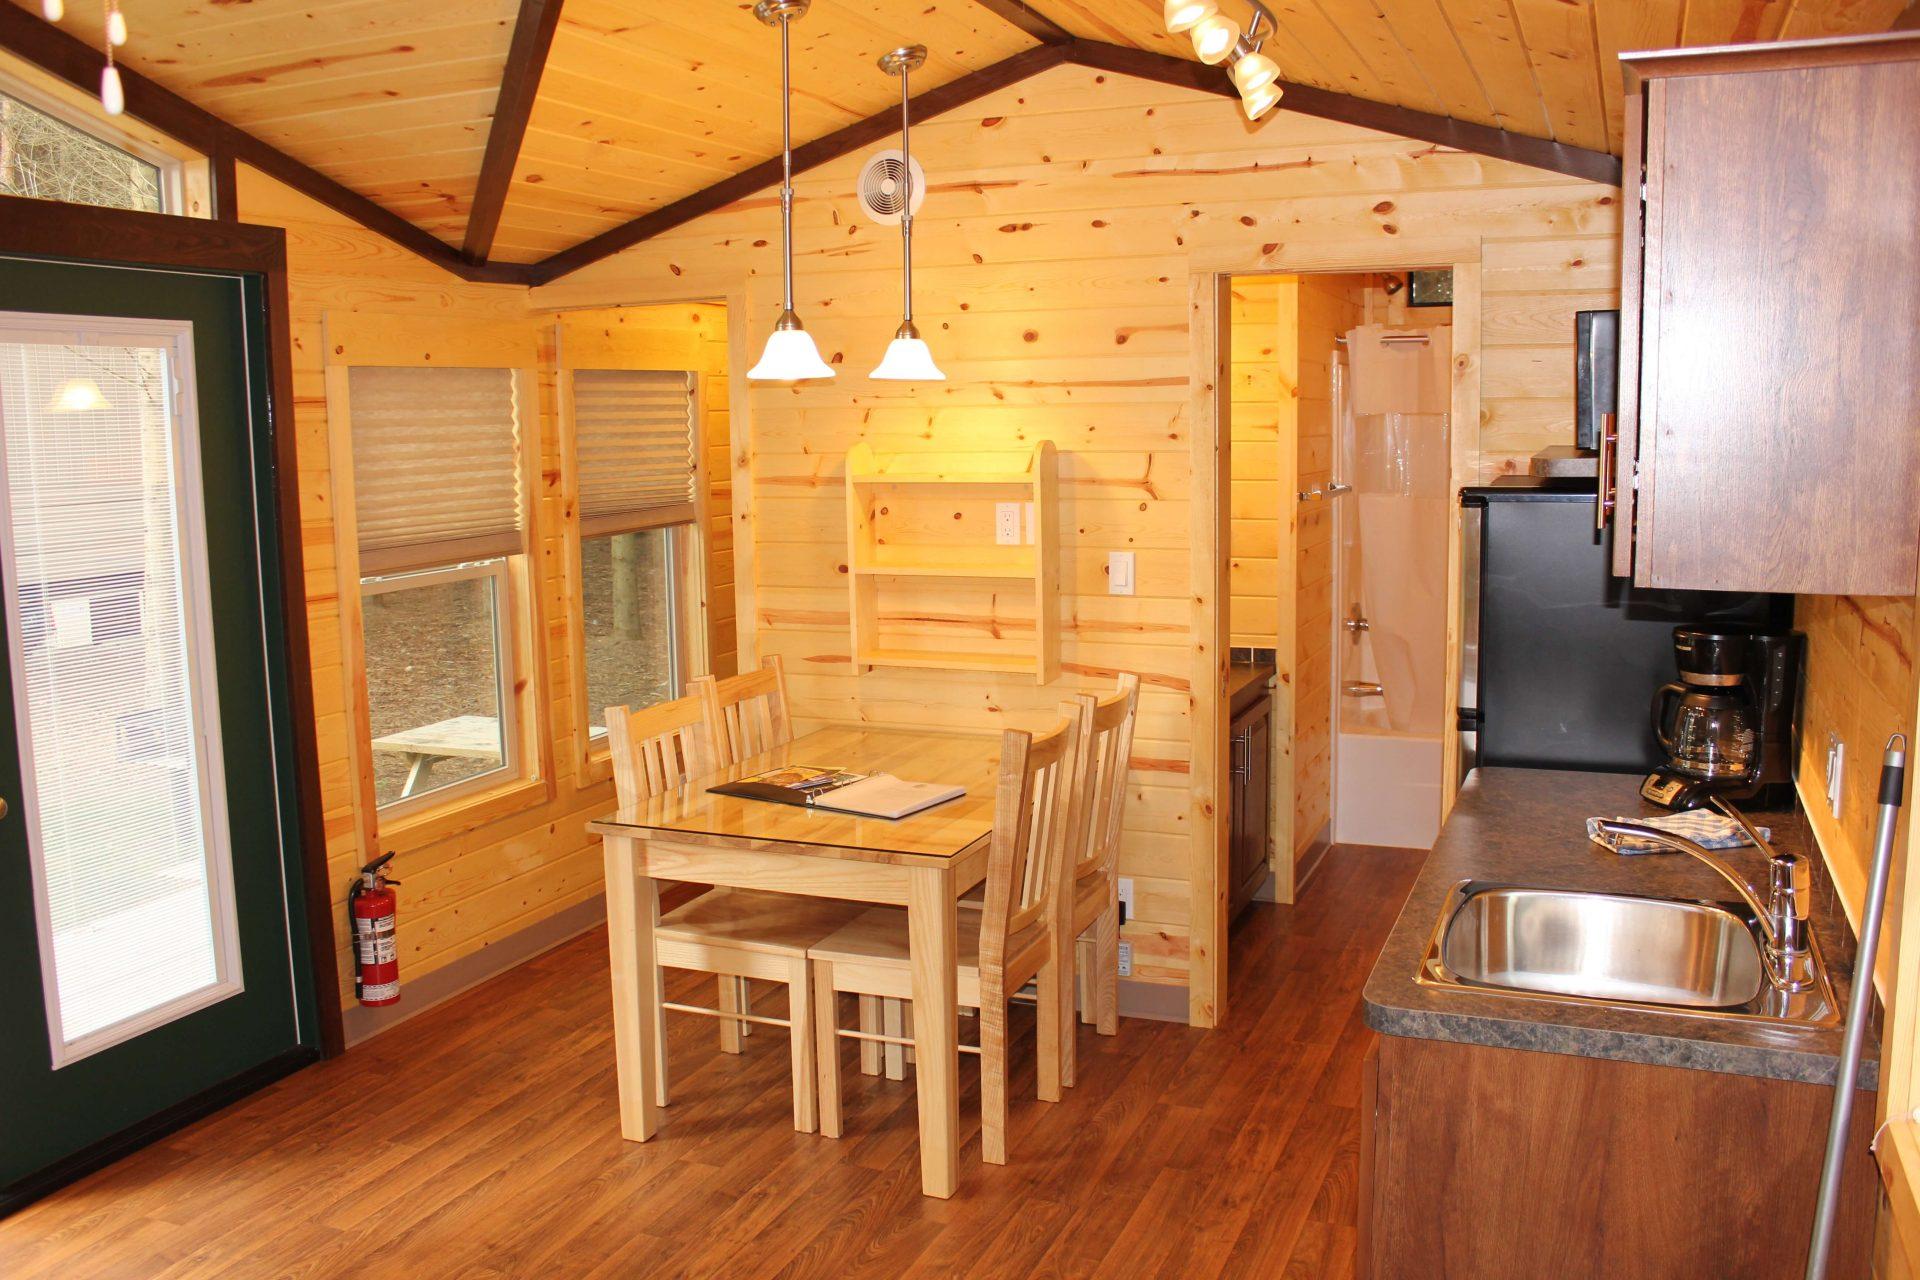 cabin interior with kitchen